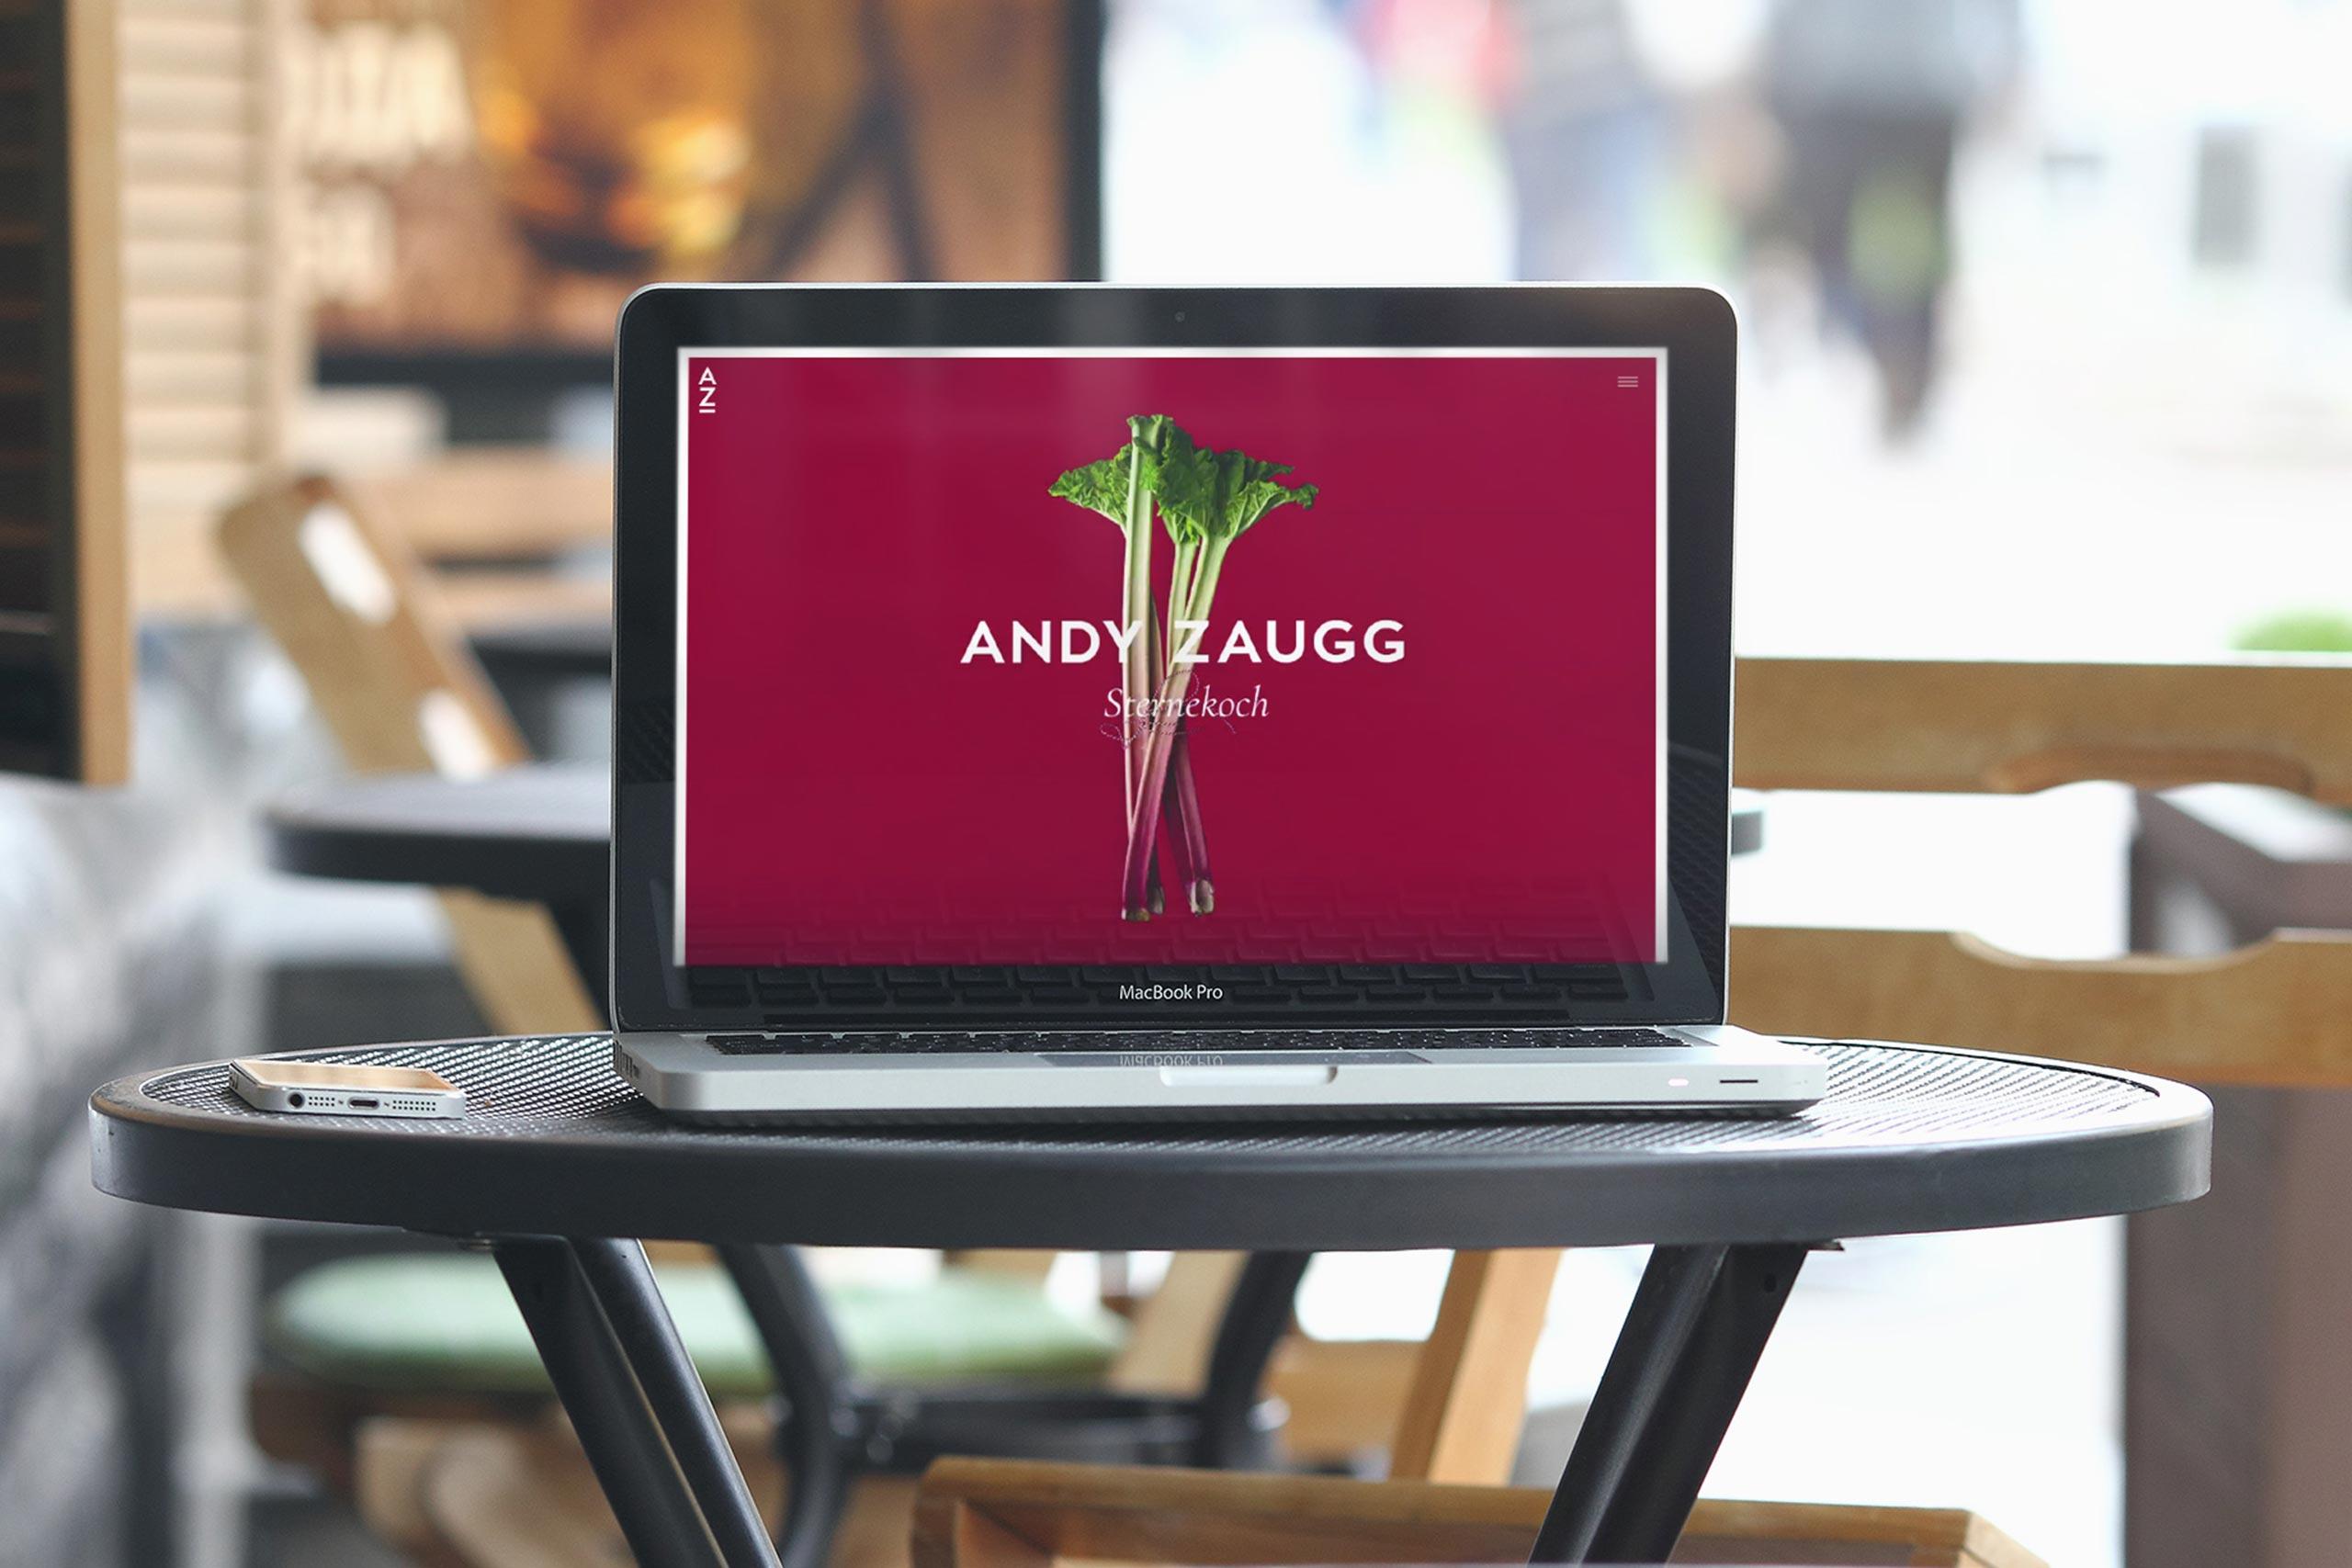 andy-zaugg-inhaltsbilder-01